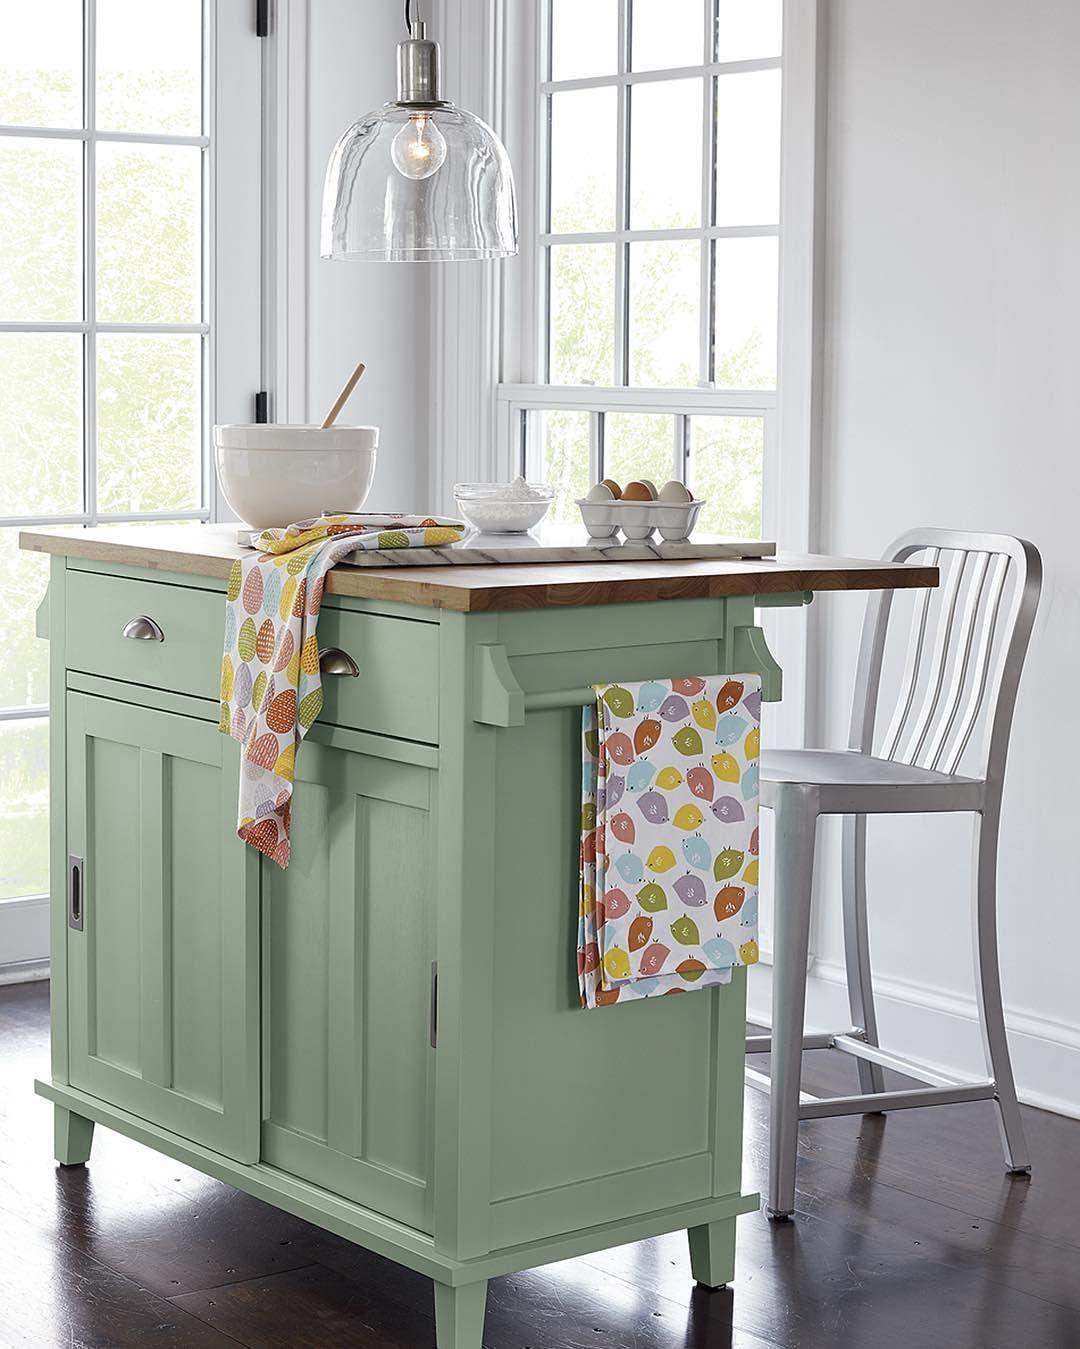 Großzügig Catskill Kücheninsel Bilder - Küchenschrank Ideen ...